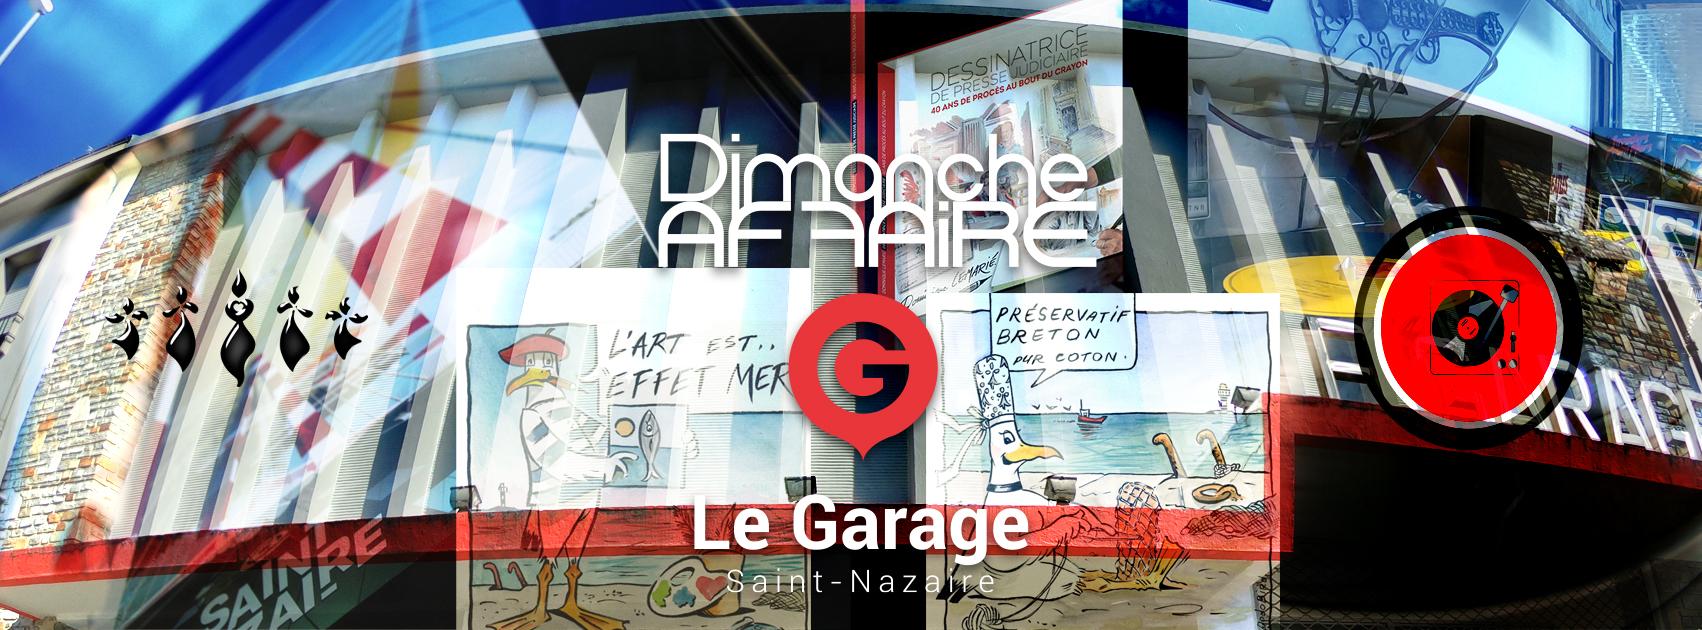 Dimanche AF-FAIRE au Garage Saint-Nazaire